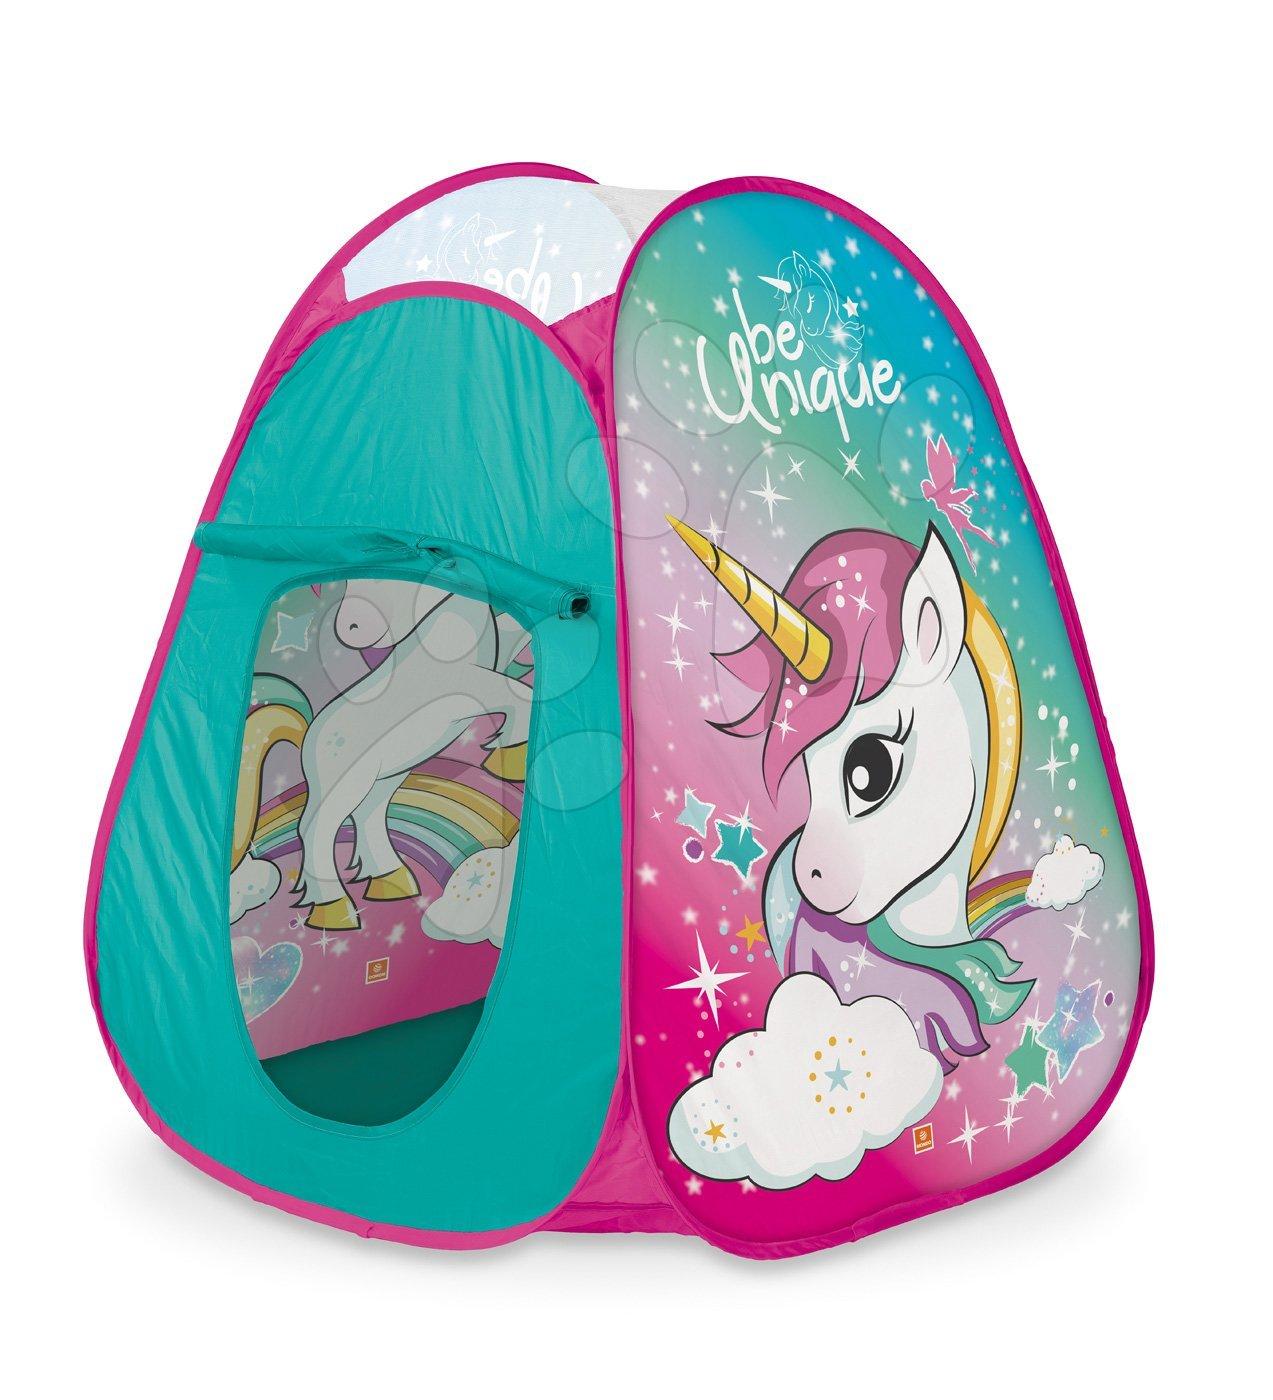 Stan pro děti Jednorožec Unicorn Pop Up Mondo s kulatou taškou tyrkysový